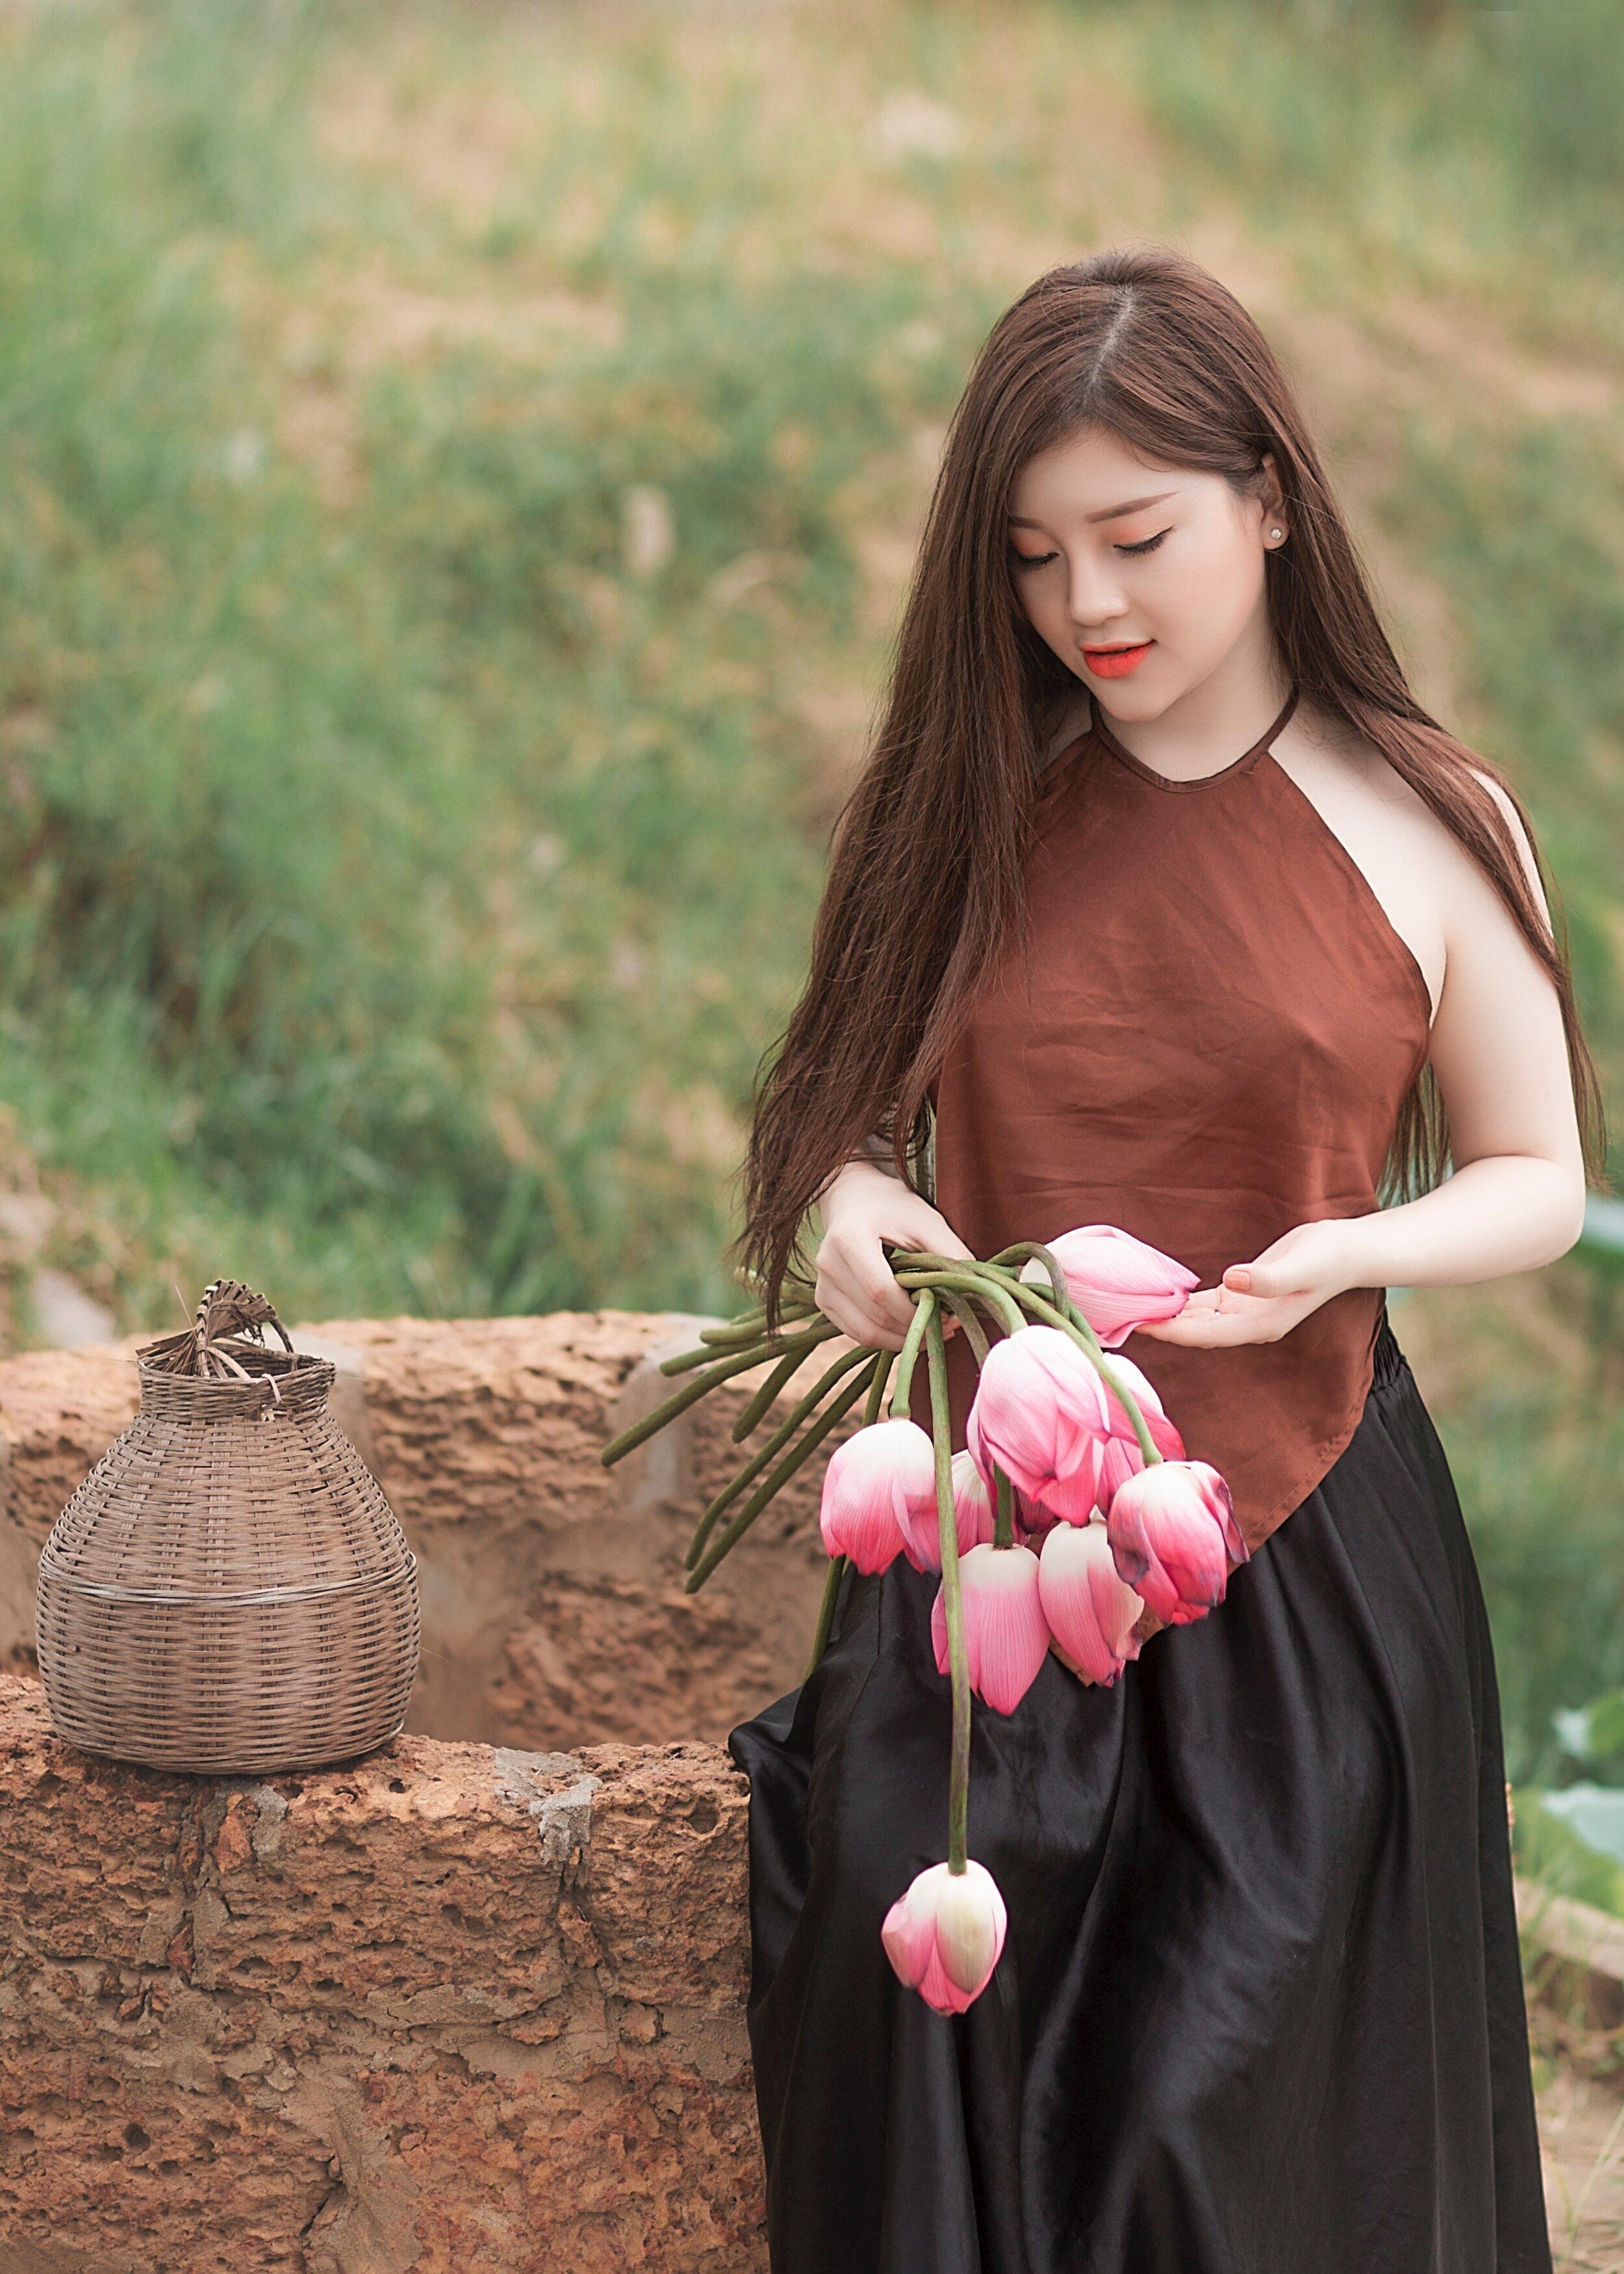 basket-beautiful-beauty-1386604.jpg